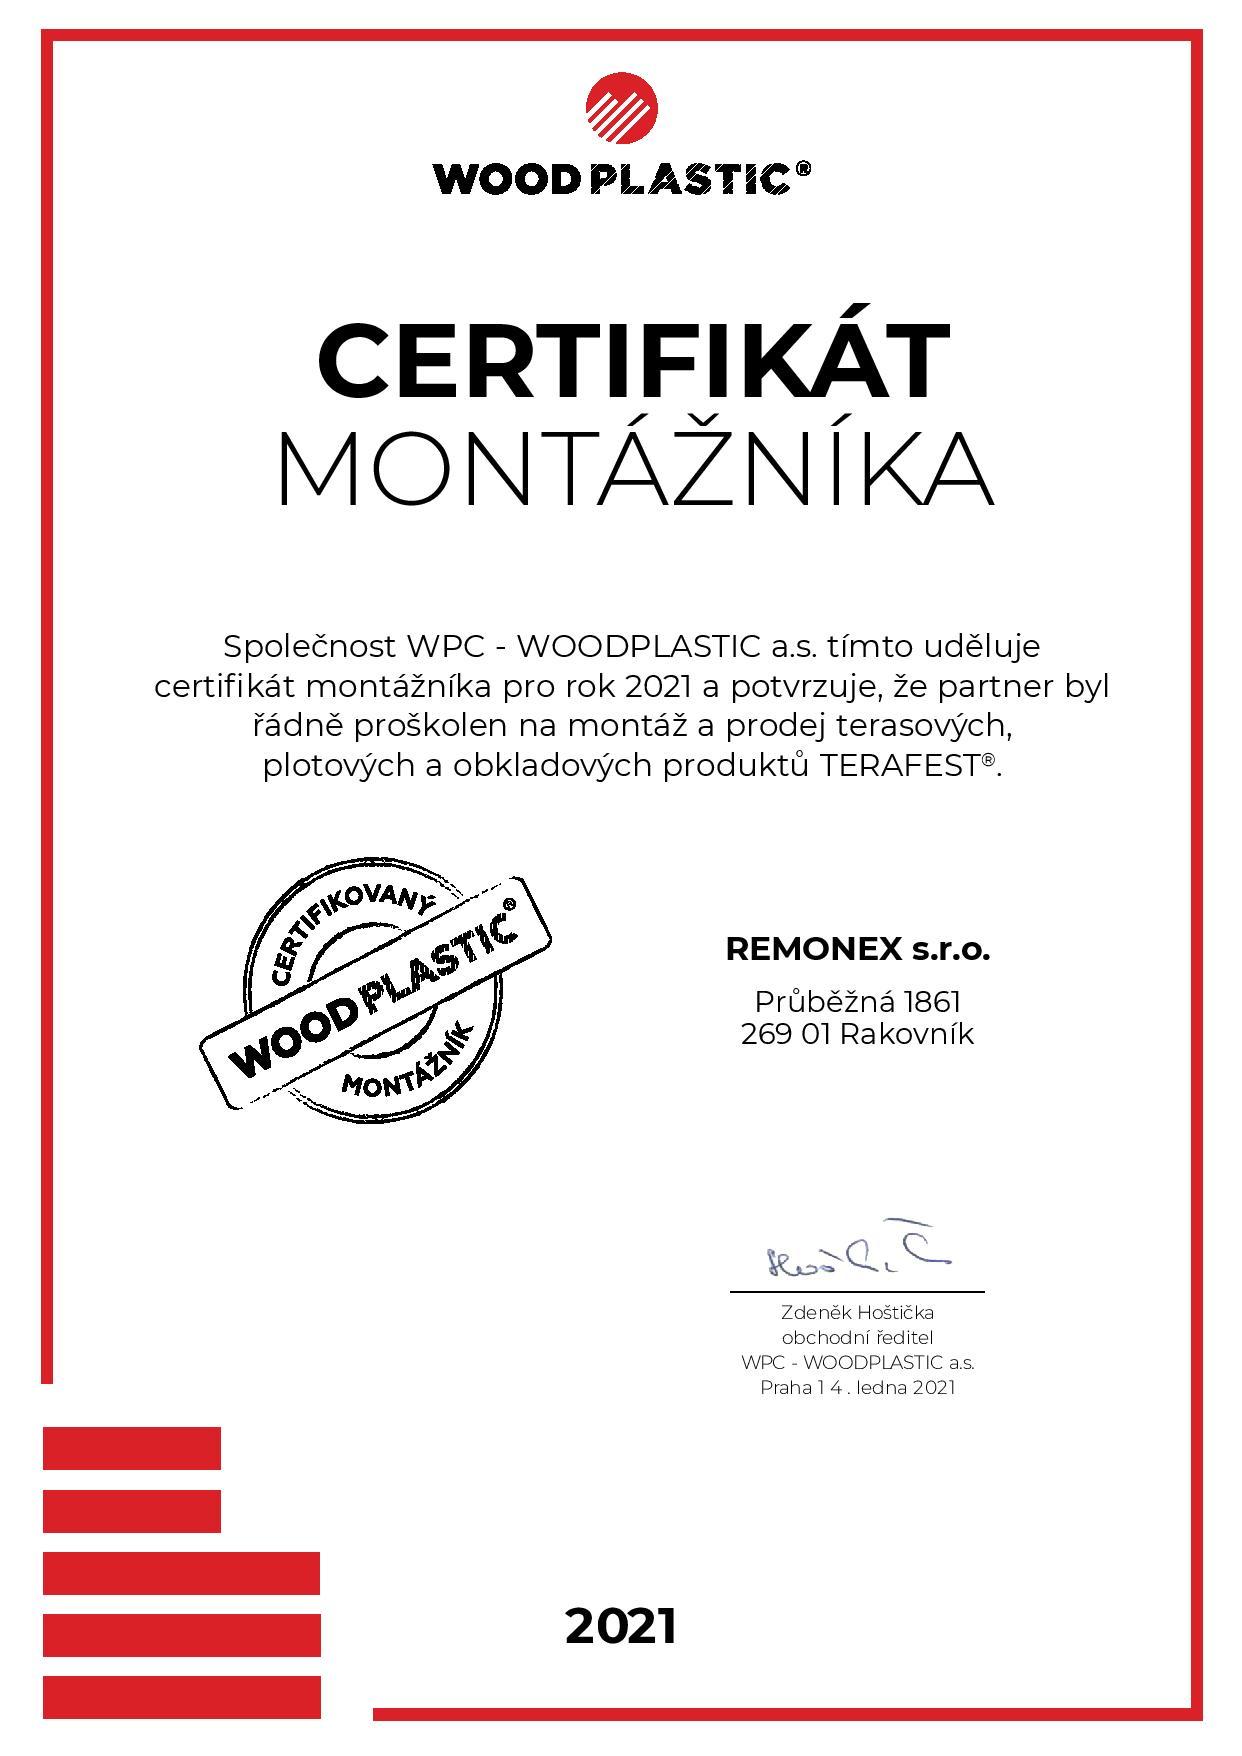 remonex-certifikat-page-001